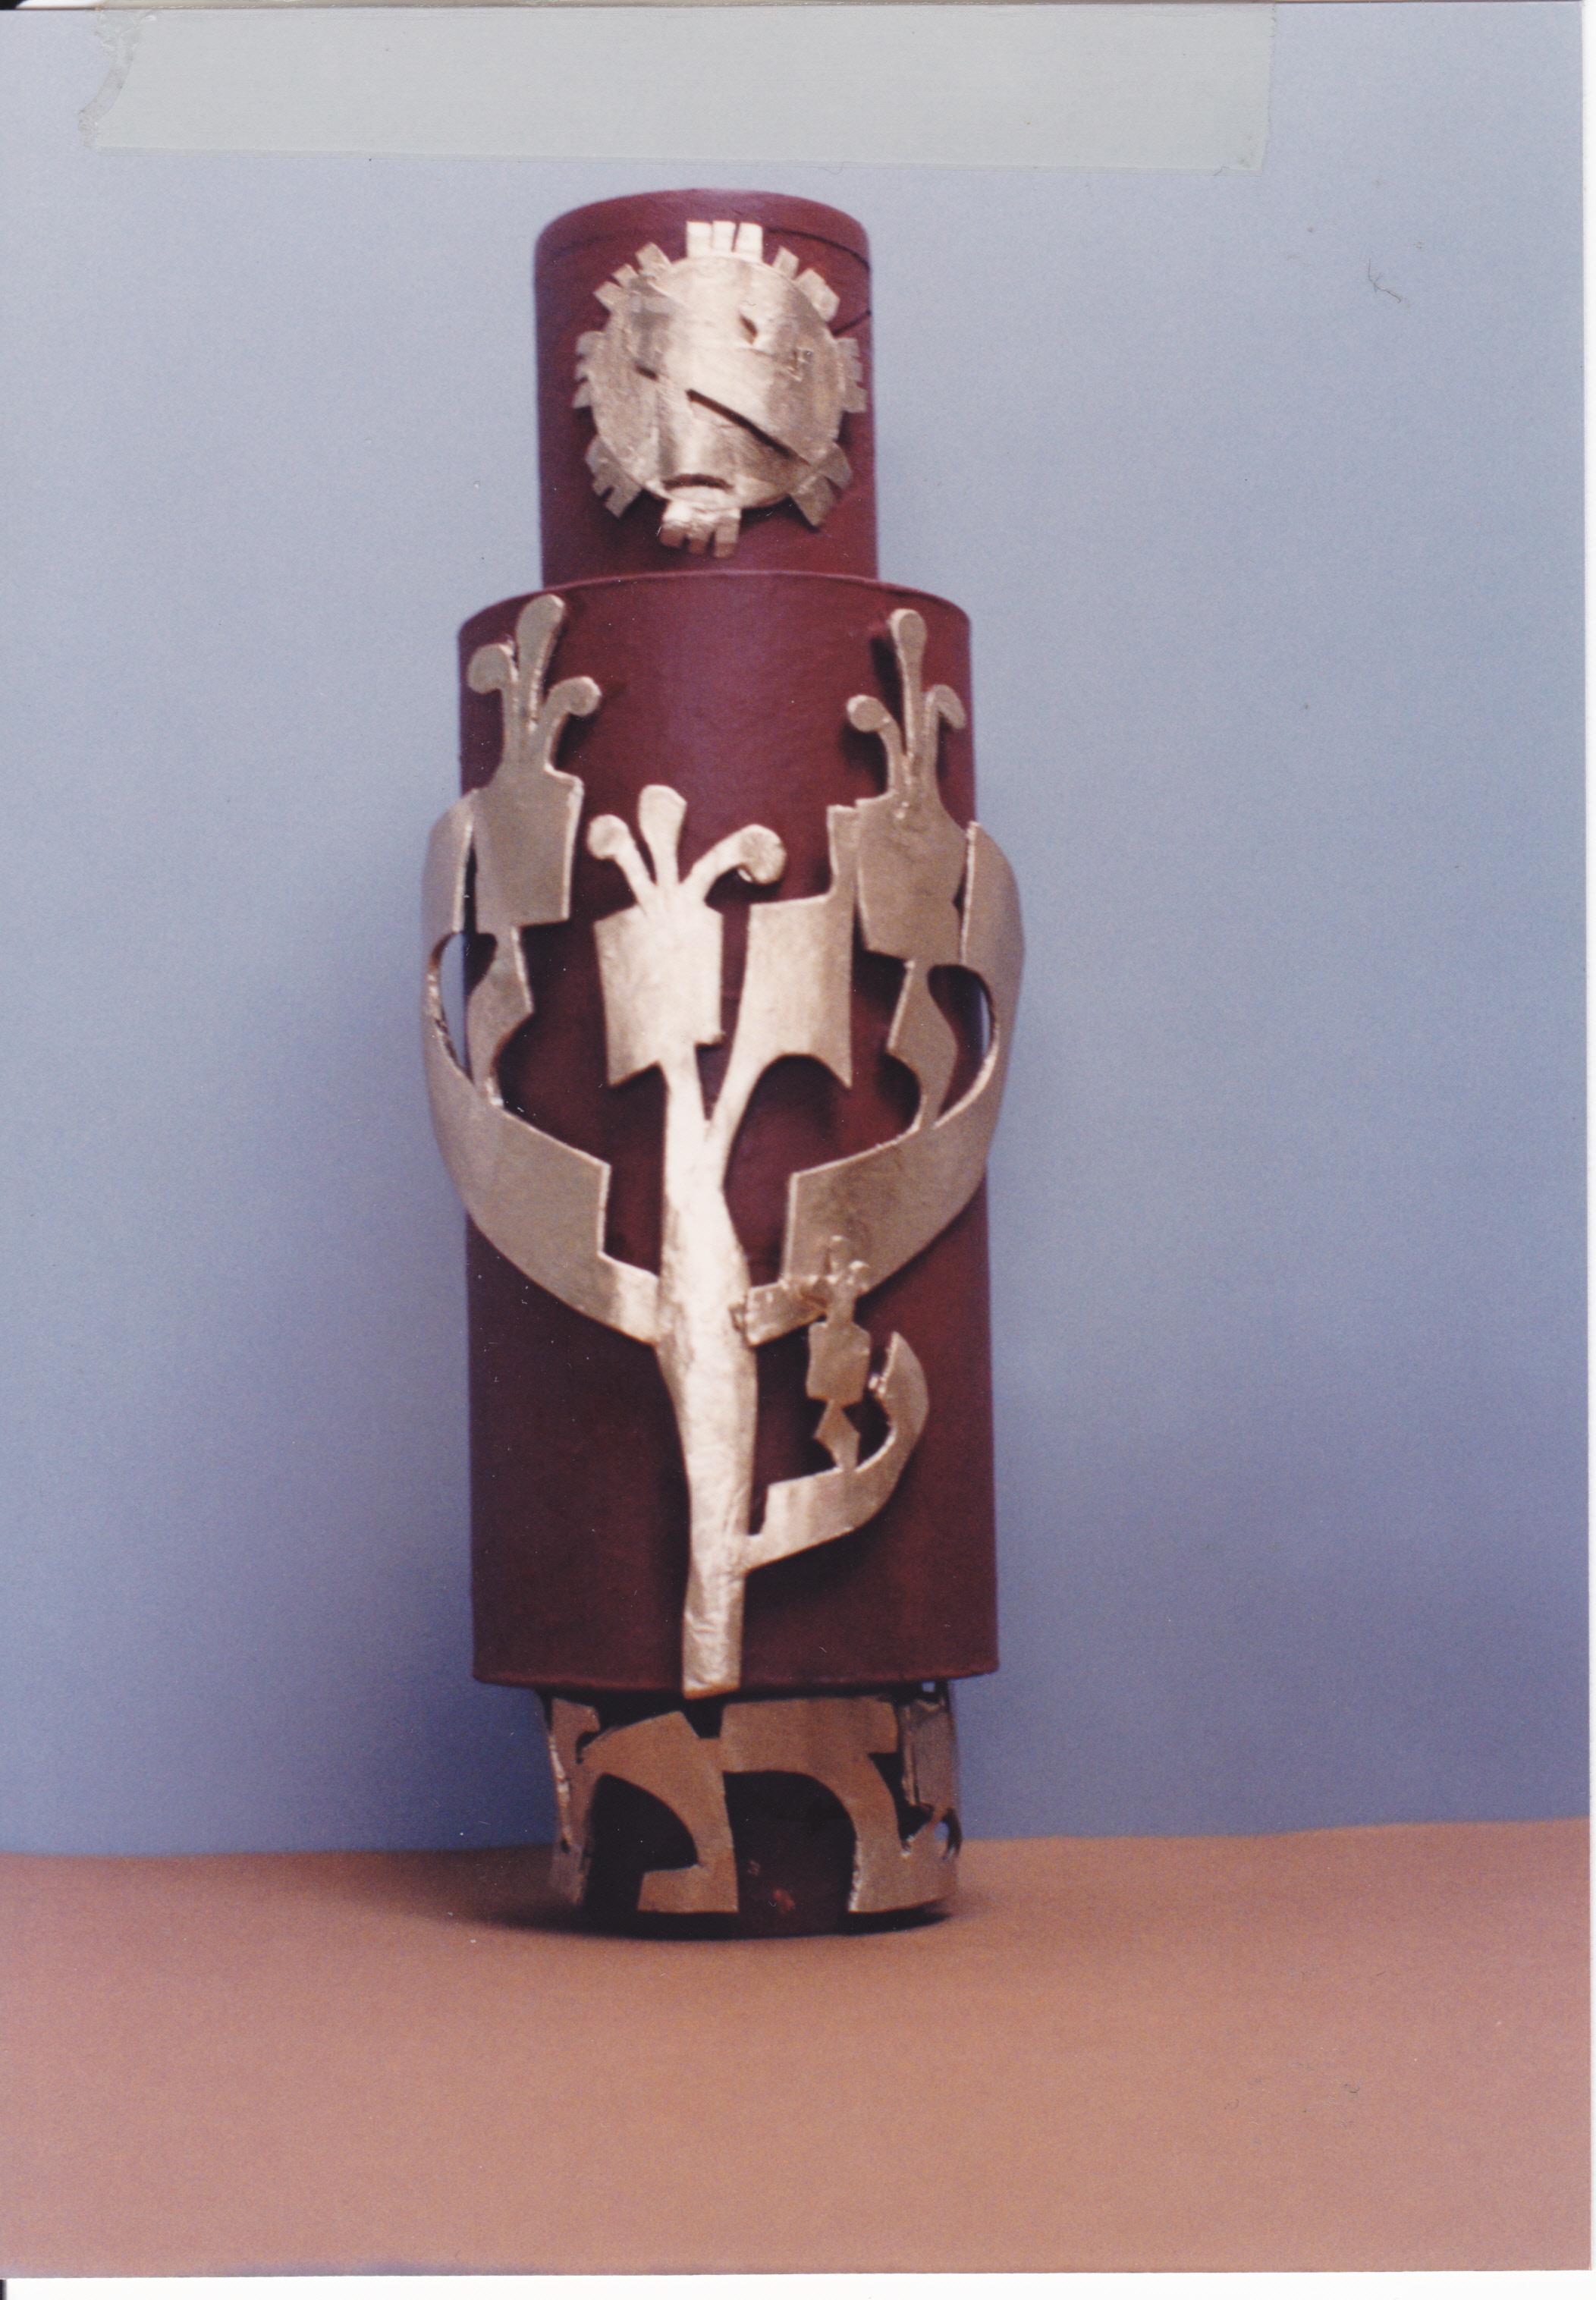 Isa Barnett's model